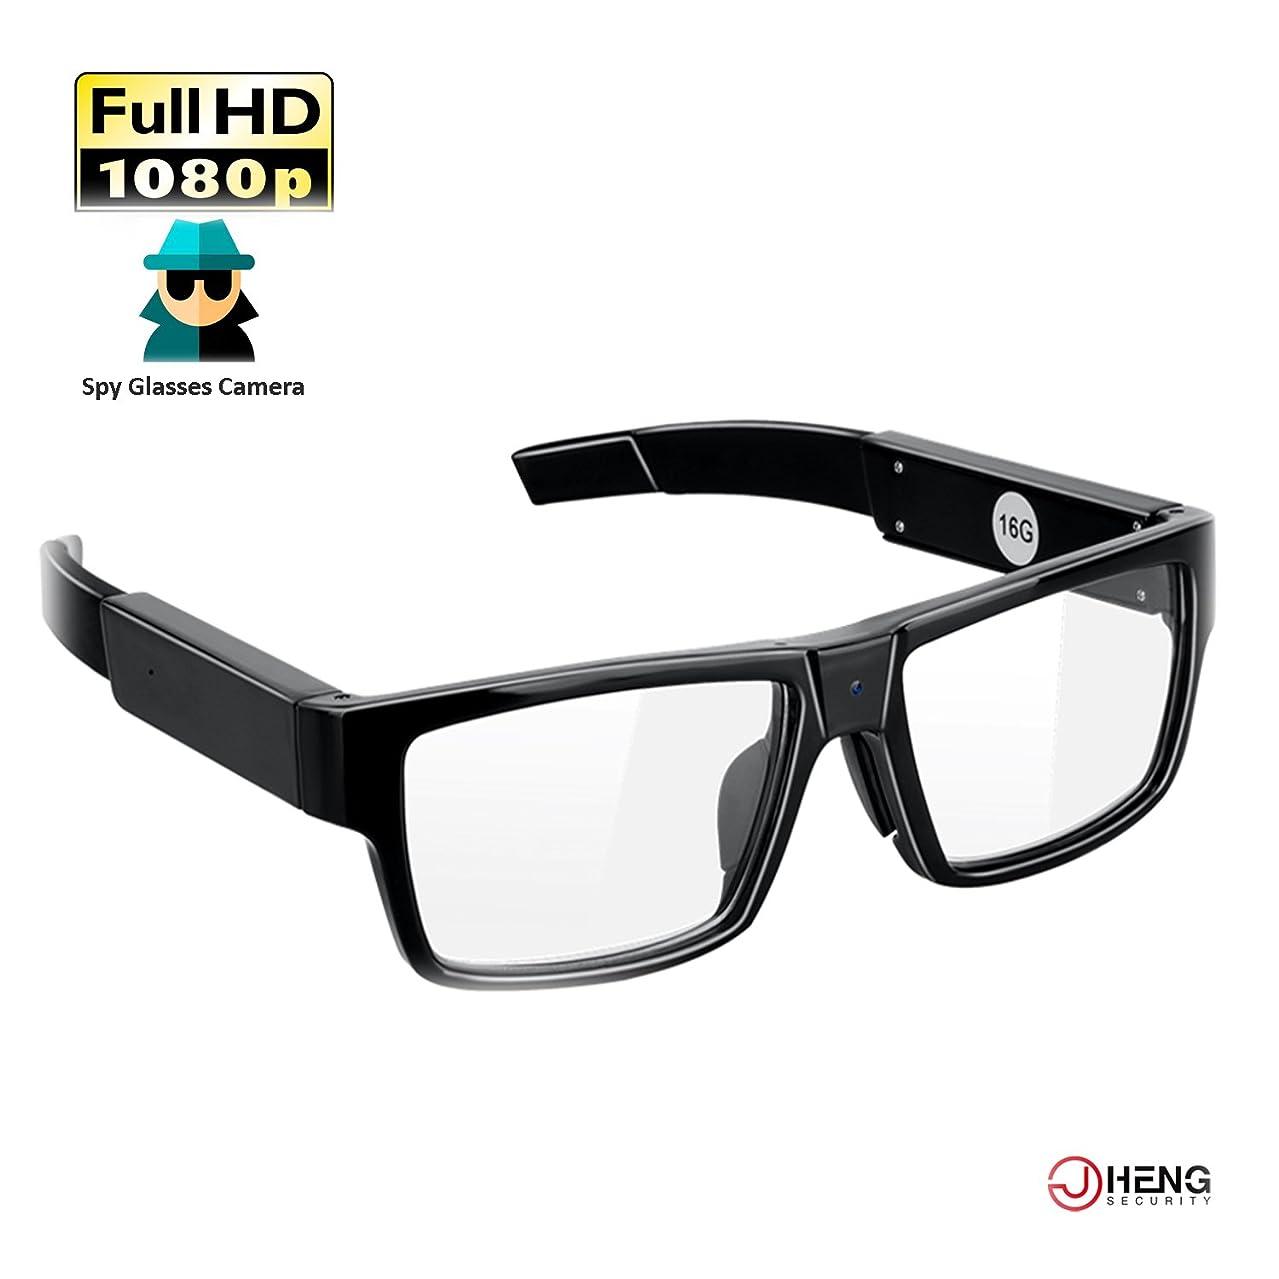 作者否認する洗剤JCHENGセキュリティカメラメガネ16ギガバイト1920×1080 p眼鏡ビデオ録画メガネ隠しスパイカメラ